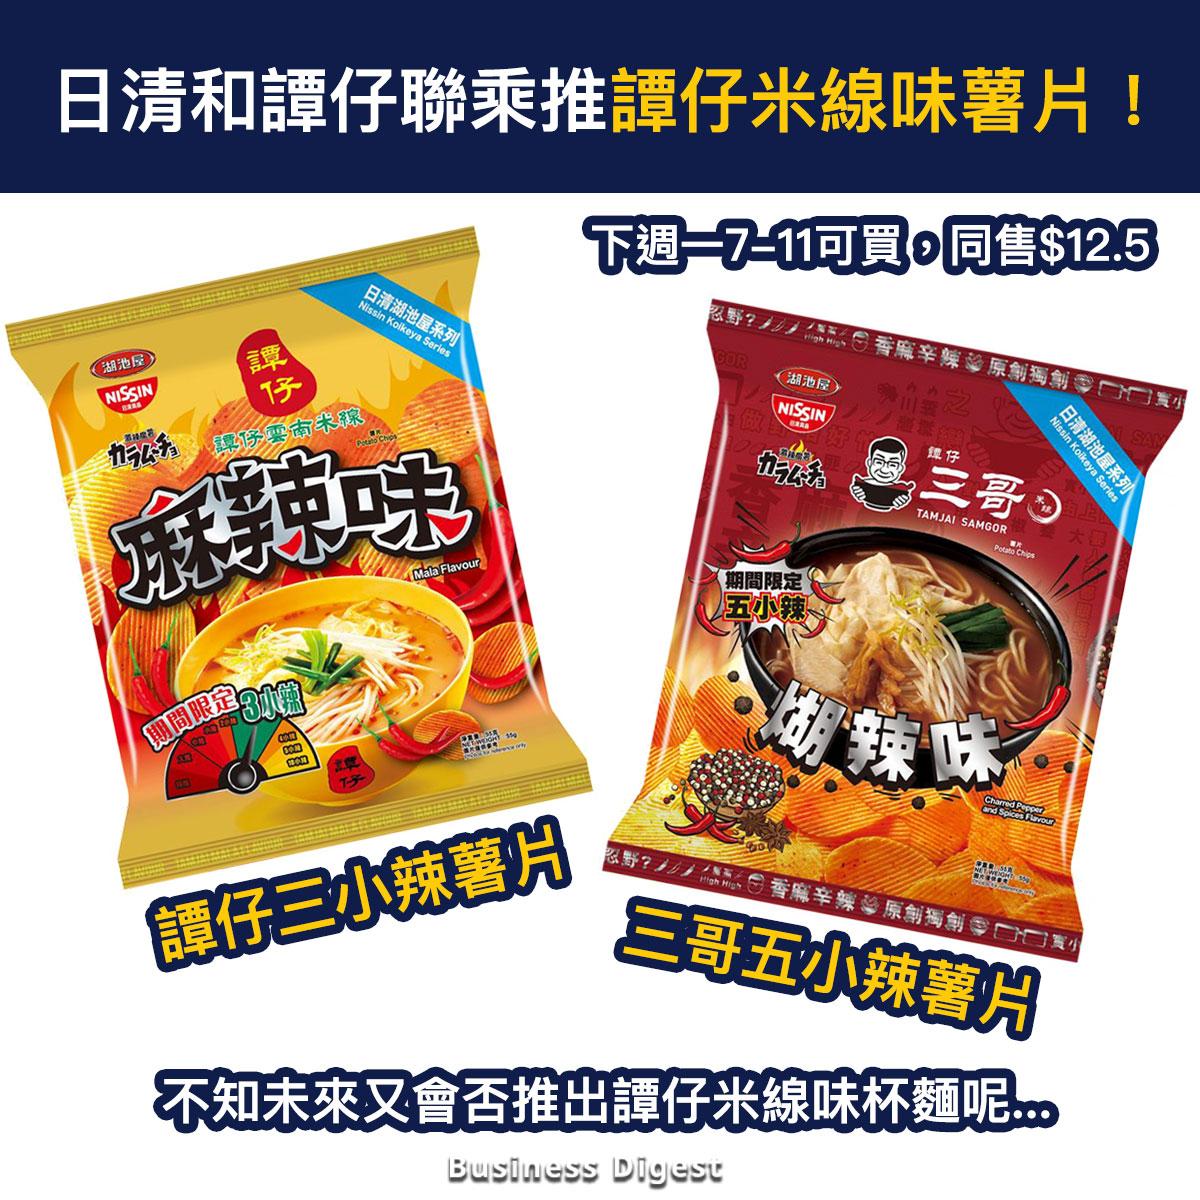 【你沒想過的商業奇招】日清湖池屋與譚仔聯乘,推出譚仔米線味薯片!